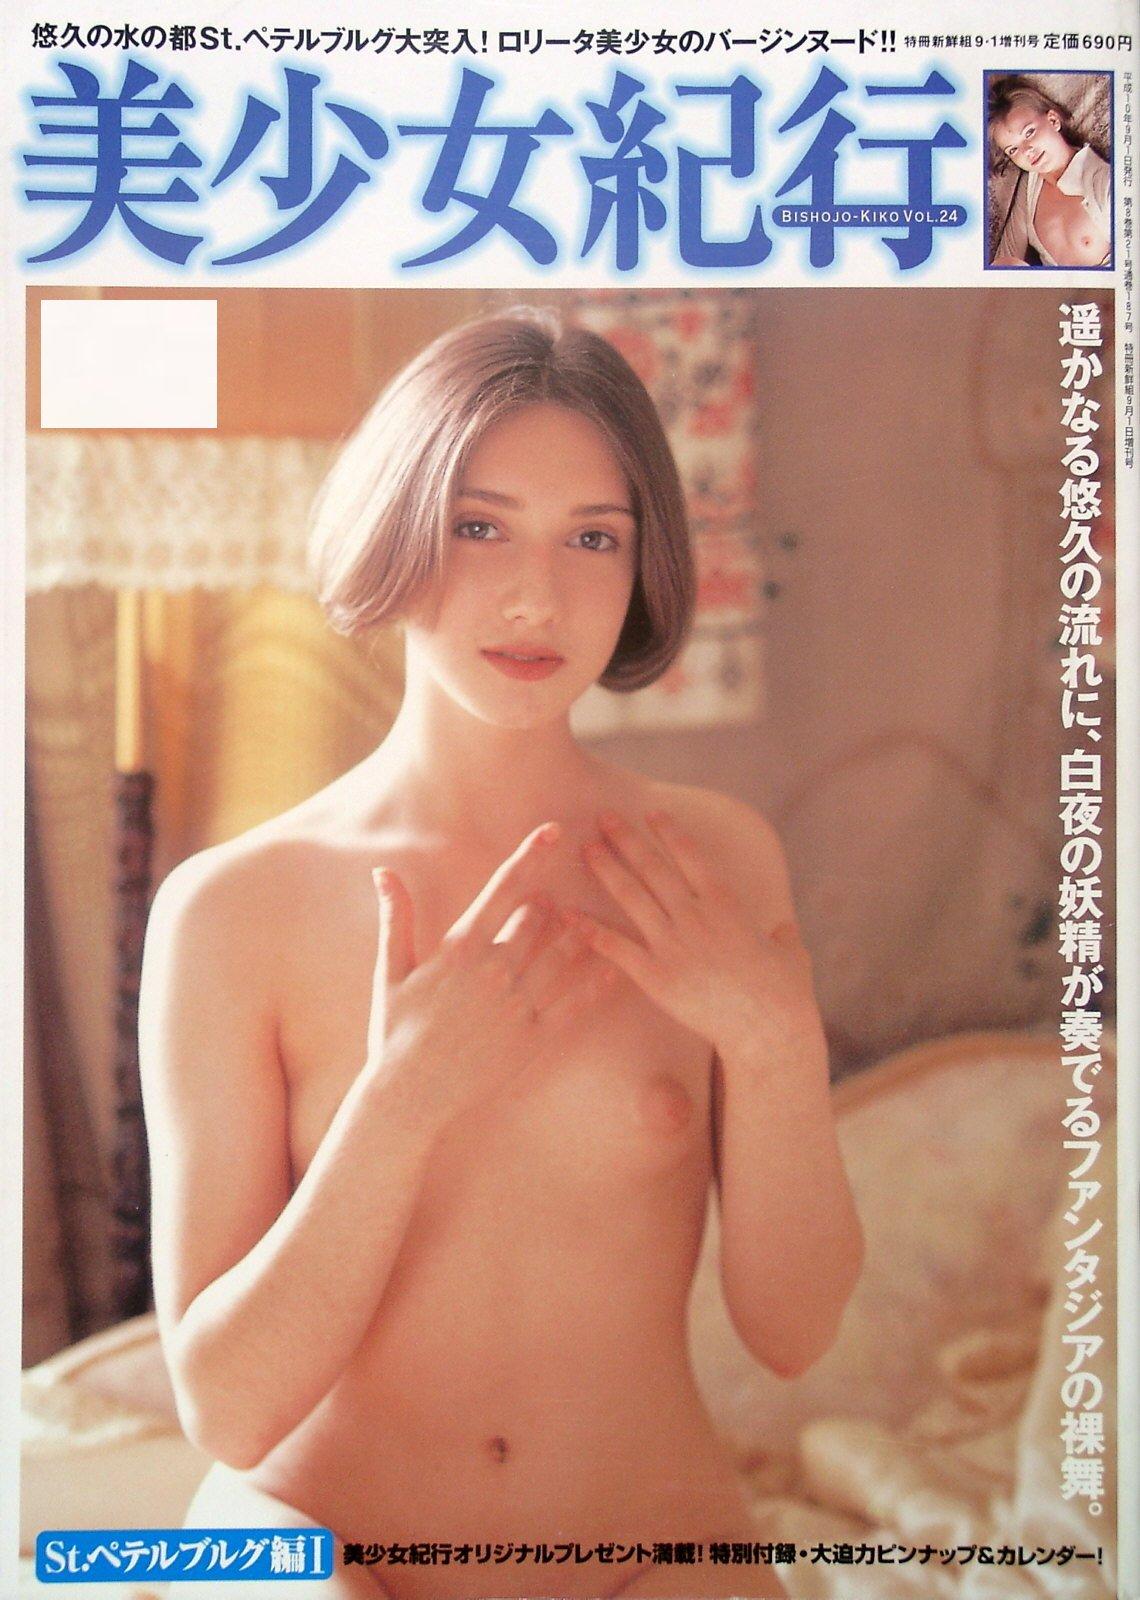 Analia Desnuda a sexy corner: angelina butuzova desnuda para shoken